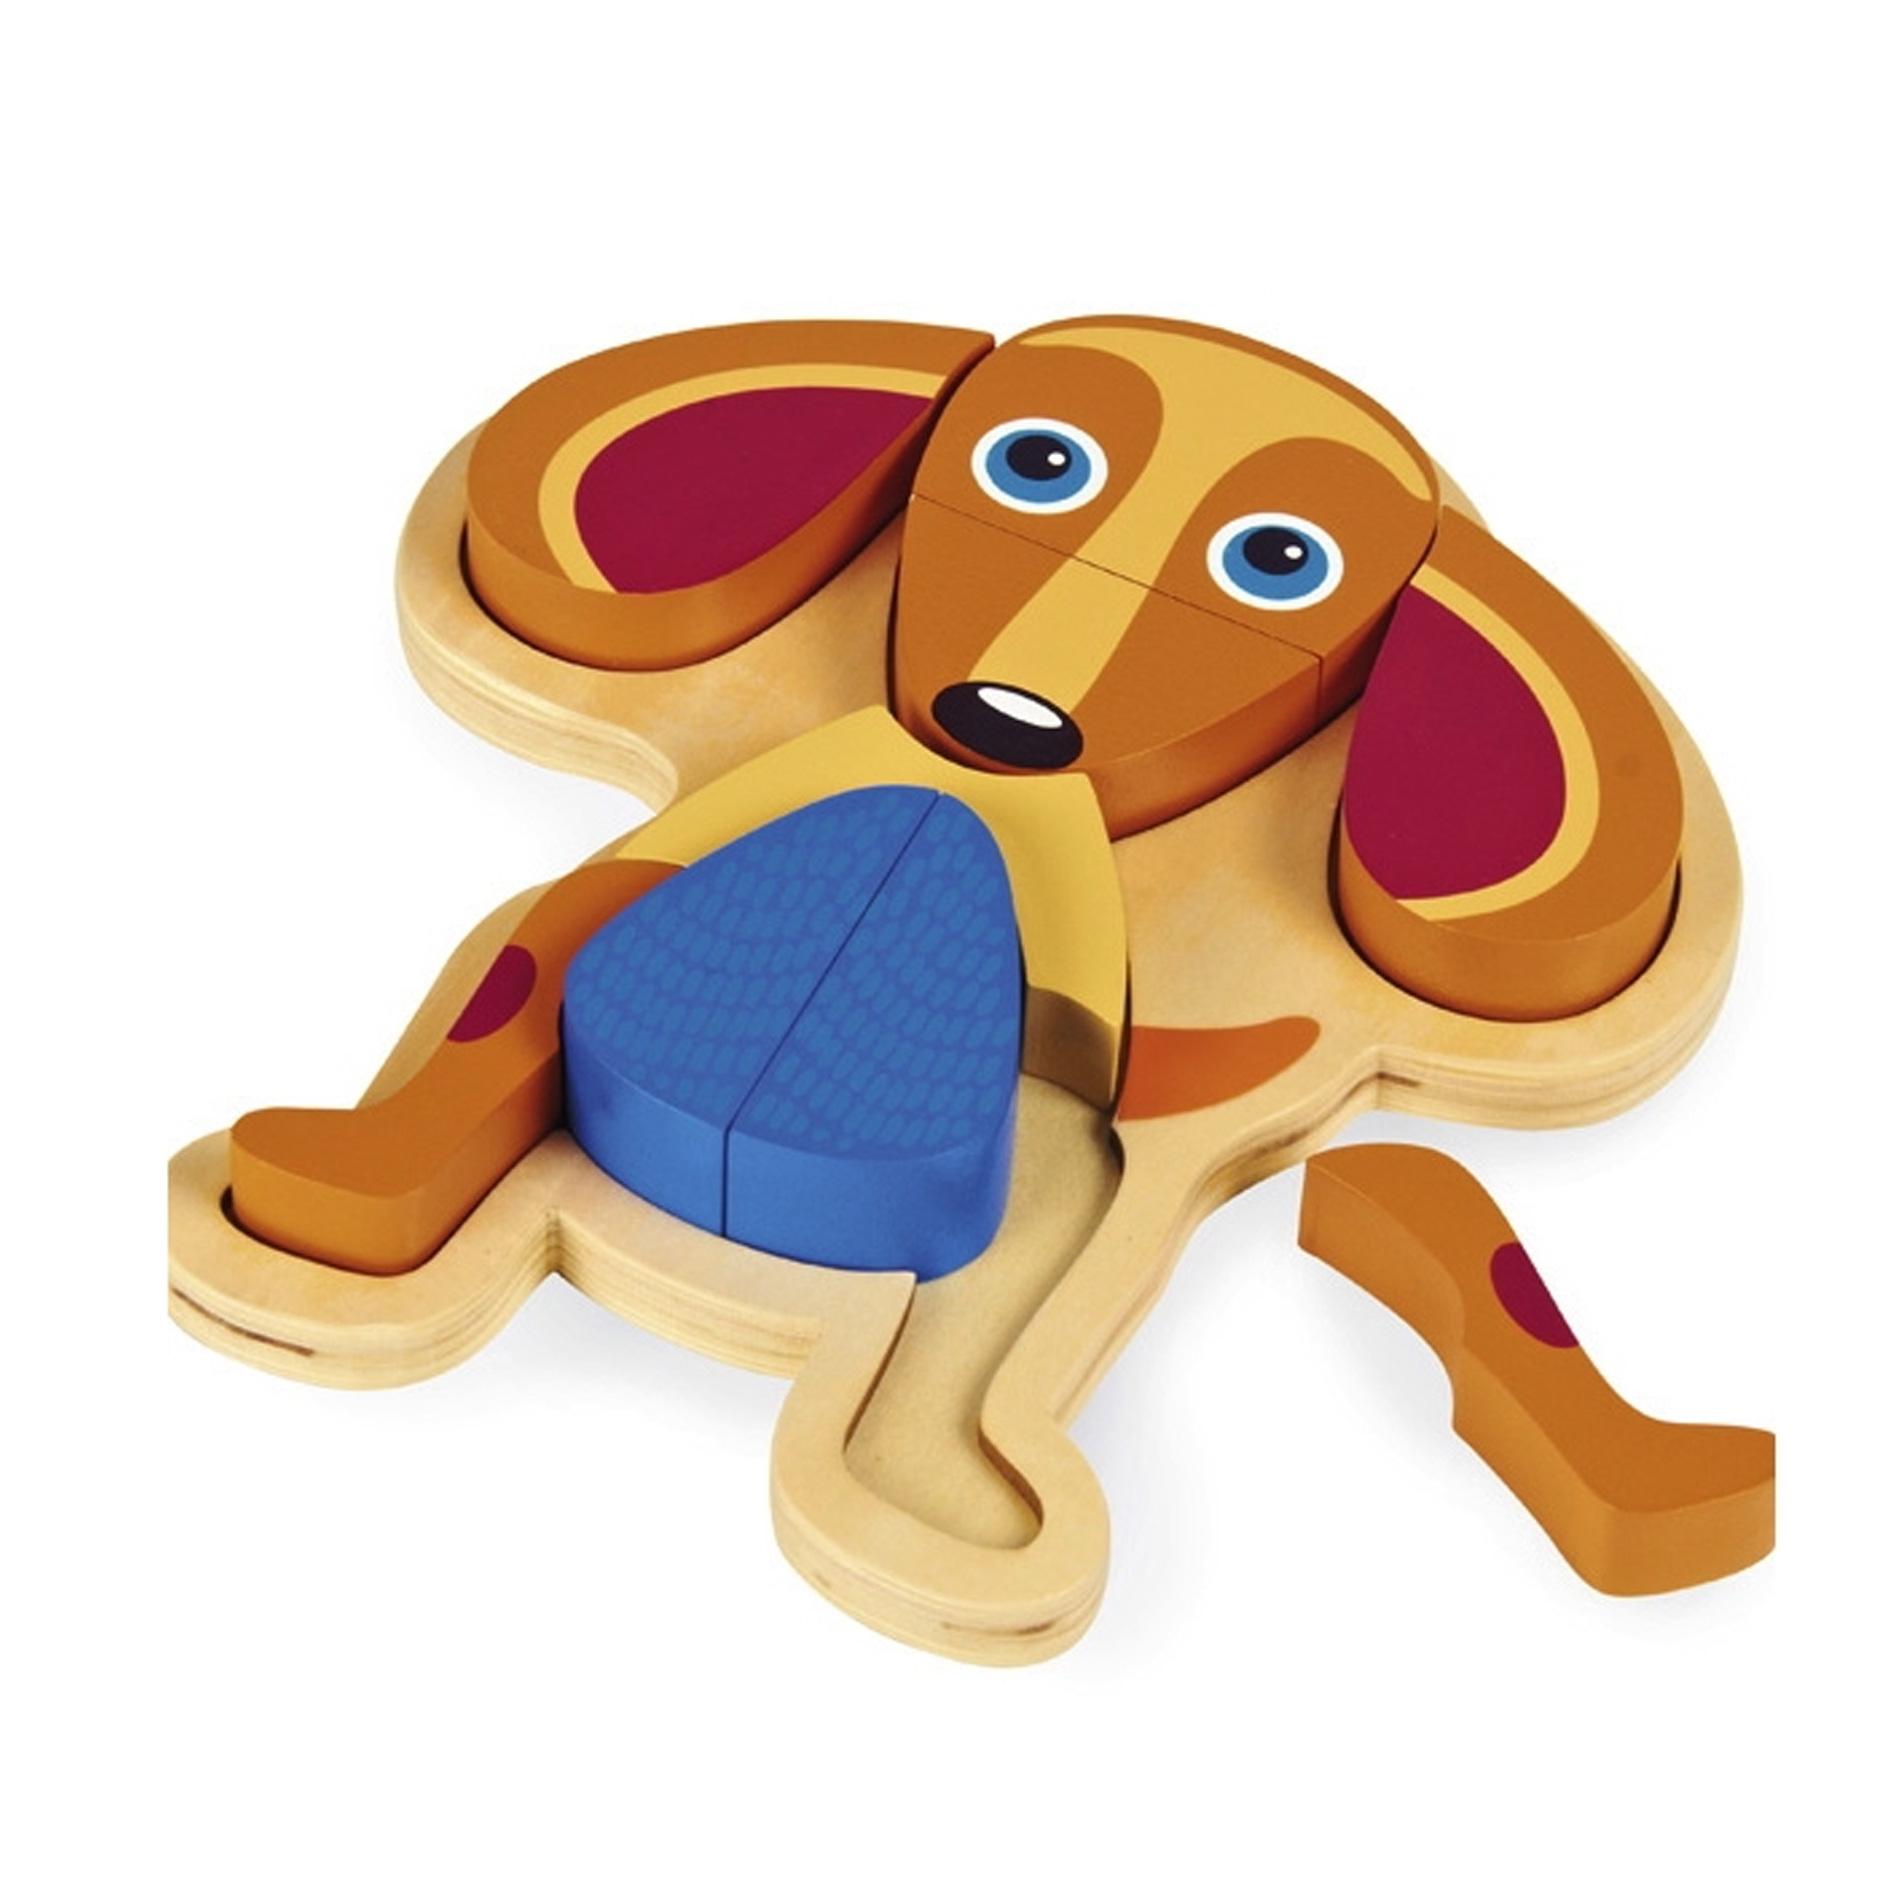 Деревянный пазл OOPS Собака, 9 элементовO 16002.22С помощью деревянного пазла OOPS Собака вы и ваш малыш сможете собрать изображение в виде милой собачки. При помощи девяти больших деталей малыш без труда сможет собрать фигурку, выкладывая части пазла на деревянную основу, которая имеет специальное углубление. Игрушка изготовлена из абсолютно безопасного, нетоксичного и прочного материала. Деревянный пазл OOPS Собака познакомит ребенка с основными цветами и разными формами. Малышу будет очень интересно собирать его! Занятия с пазлом тренируют пространственное и логическое мышление, координацию движений и развивают мелкую моторику.